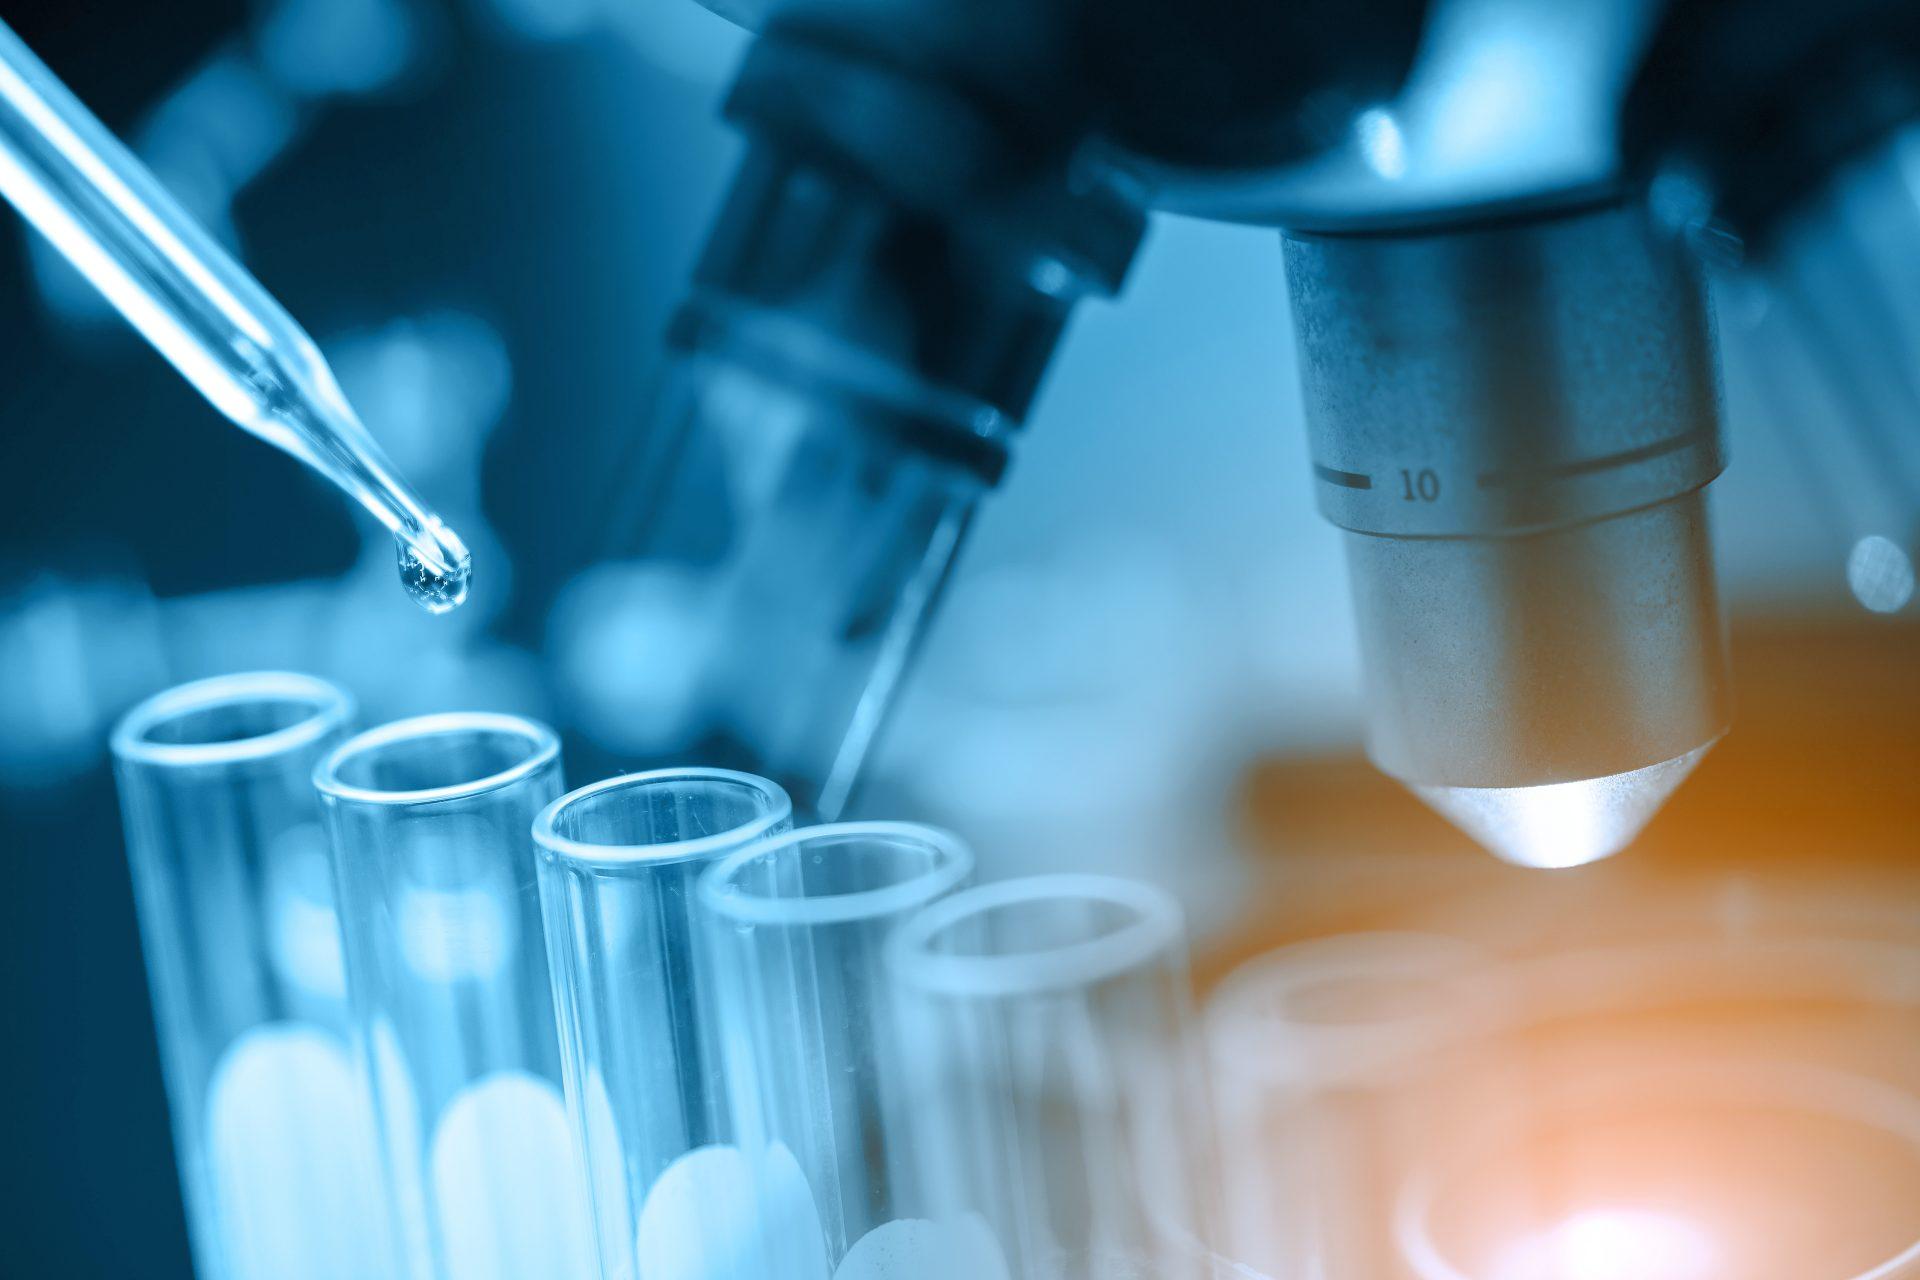 Libbs produzirá primeiro anticorpo monoclonal no País